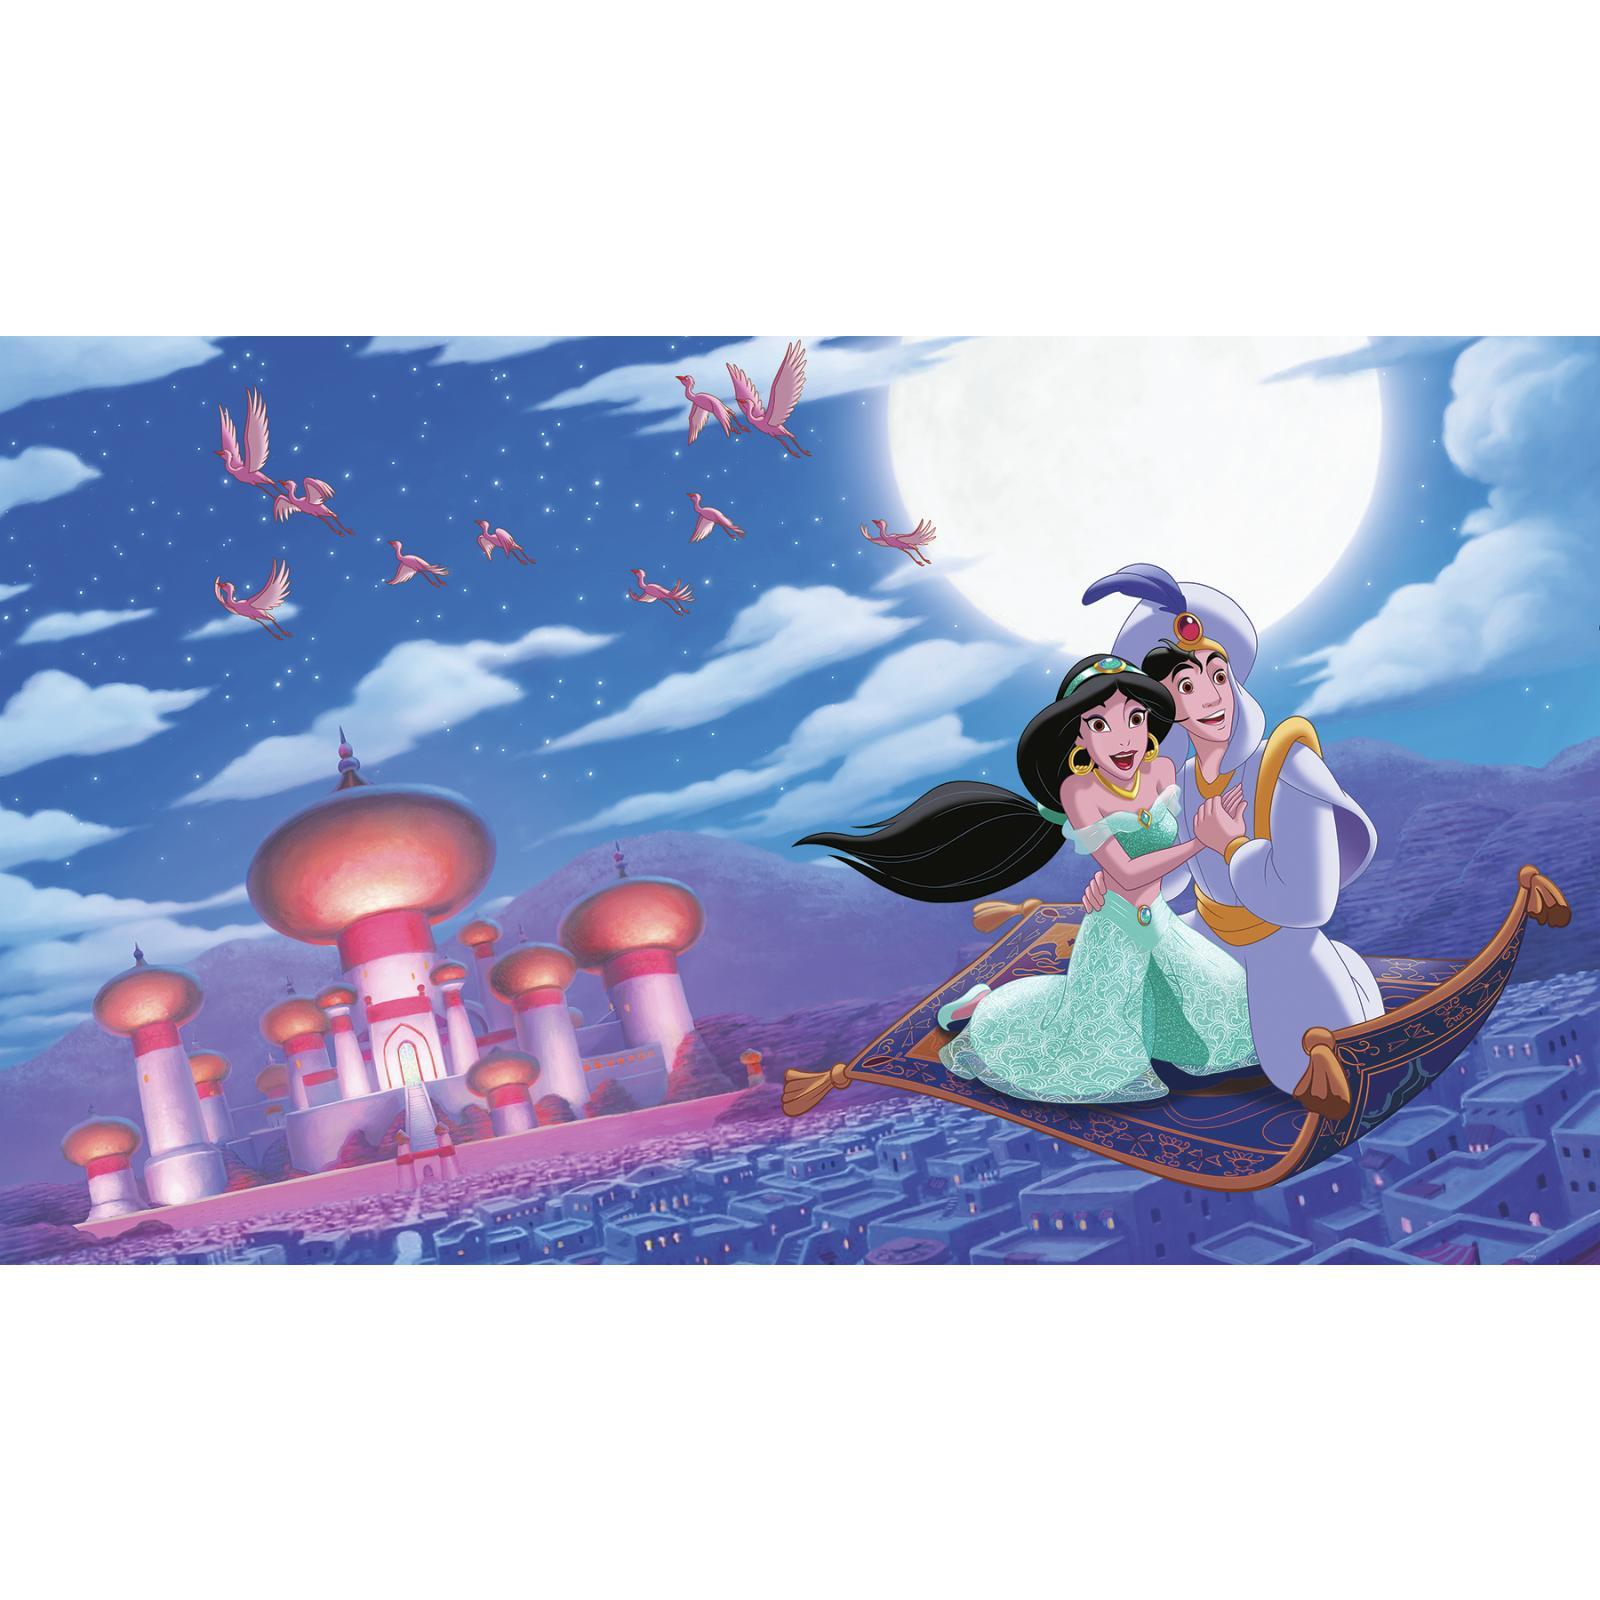 RoomMates Aladdin